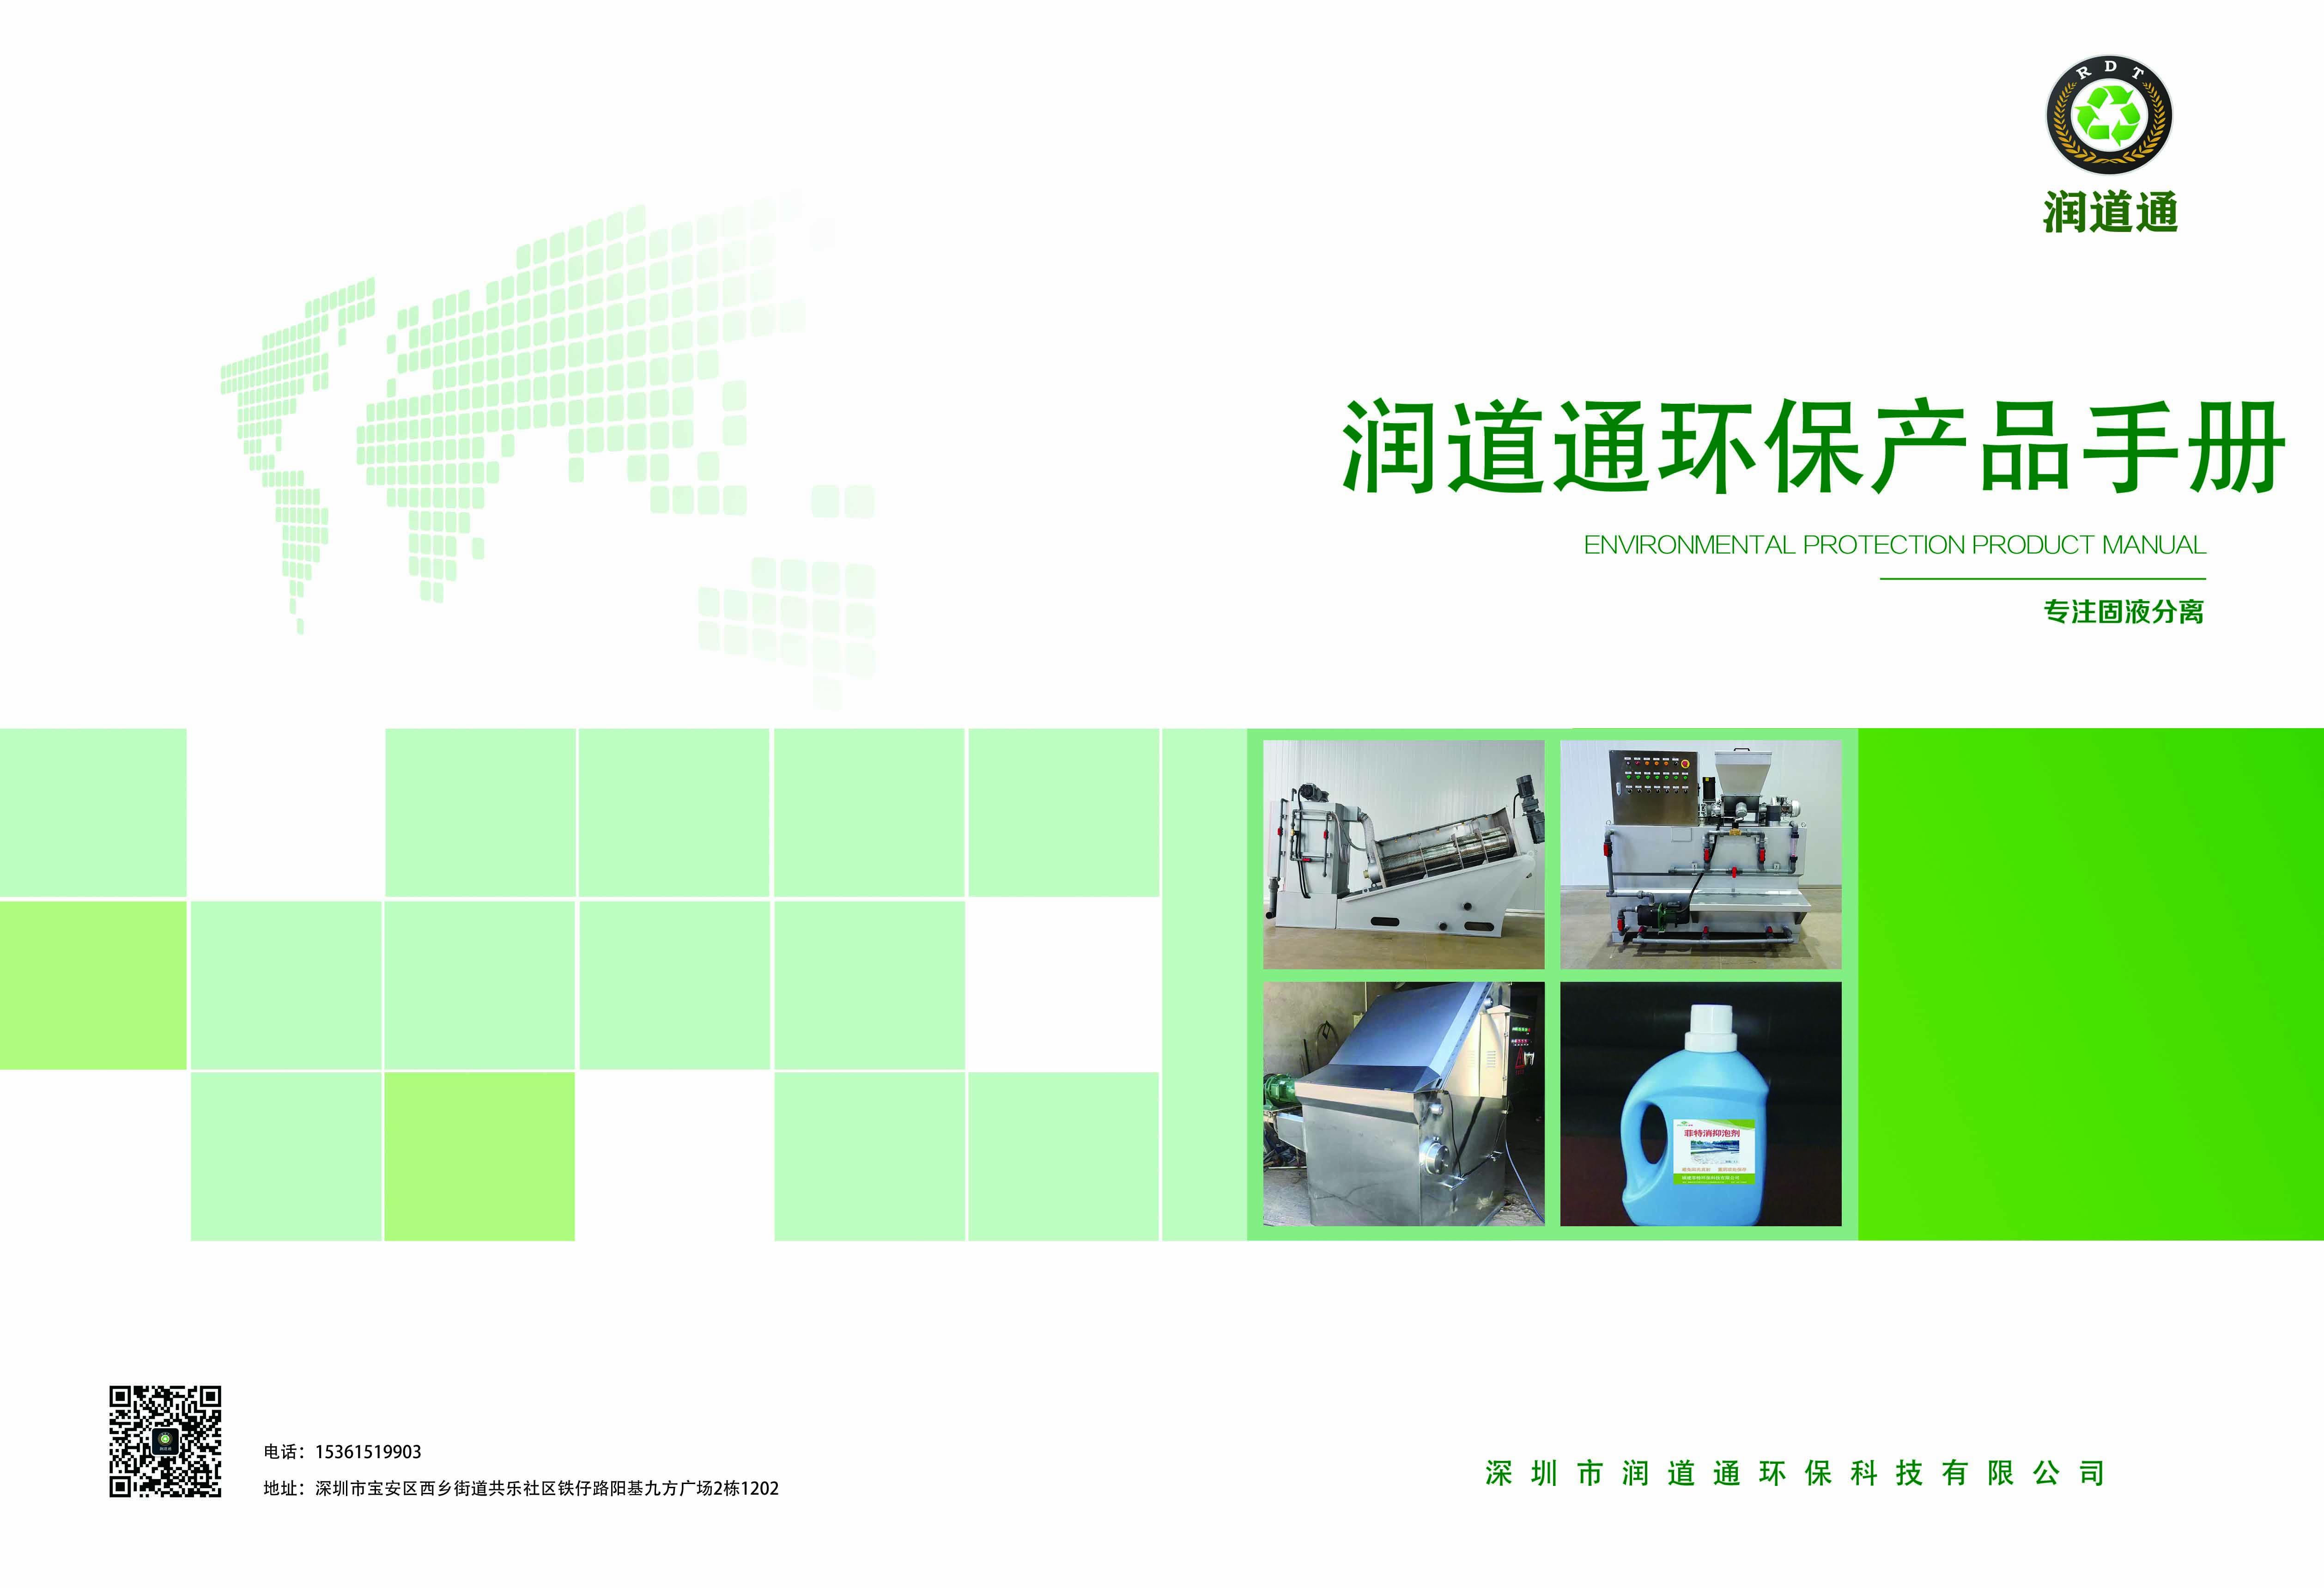 潤道通環保產品手冊